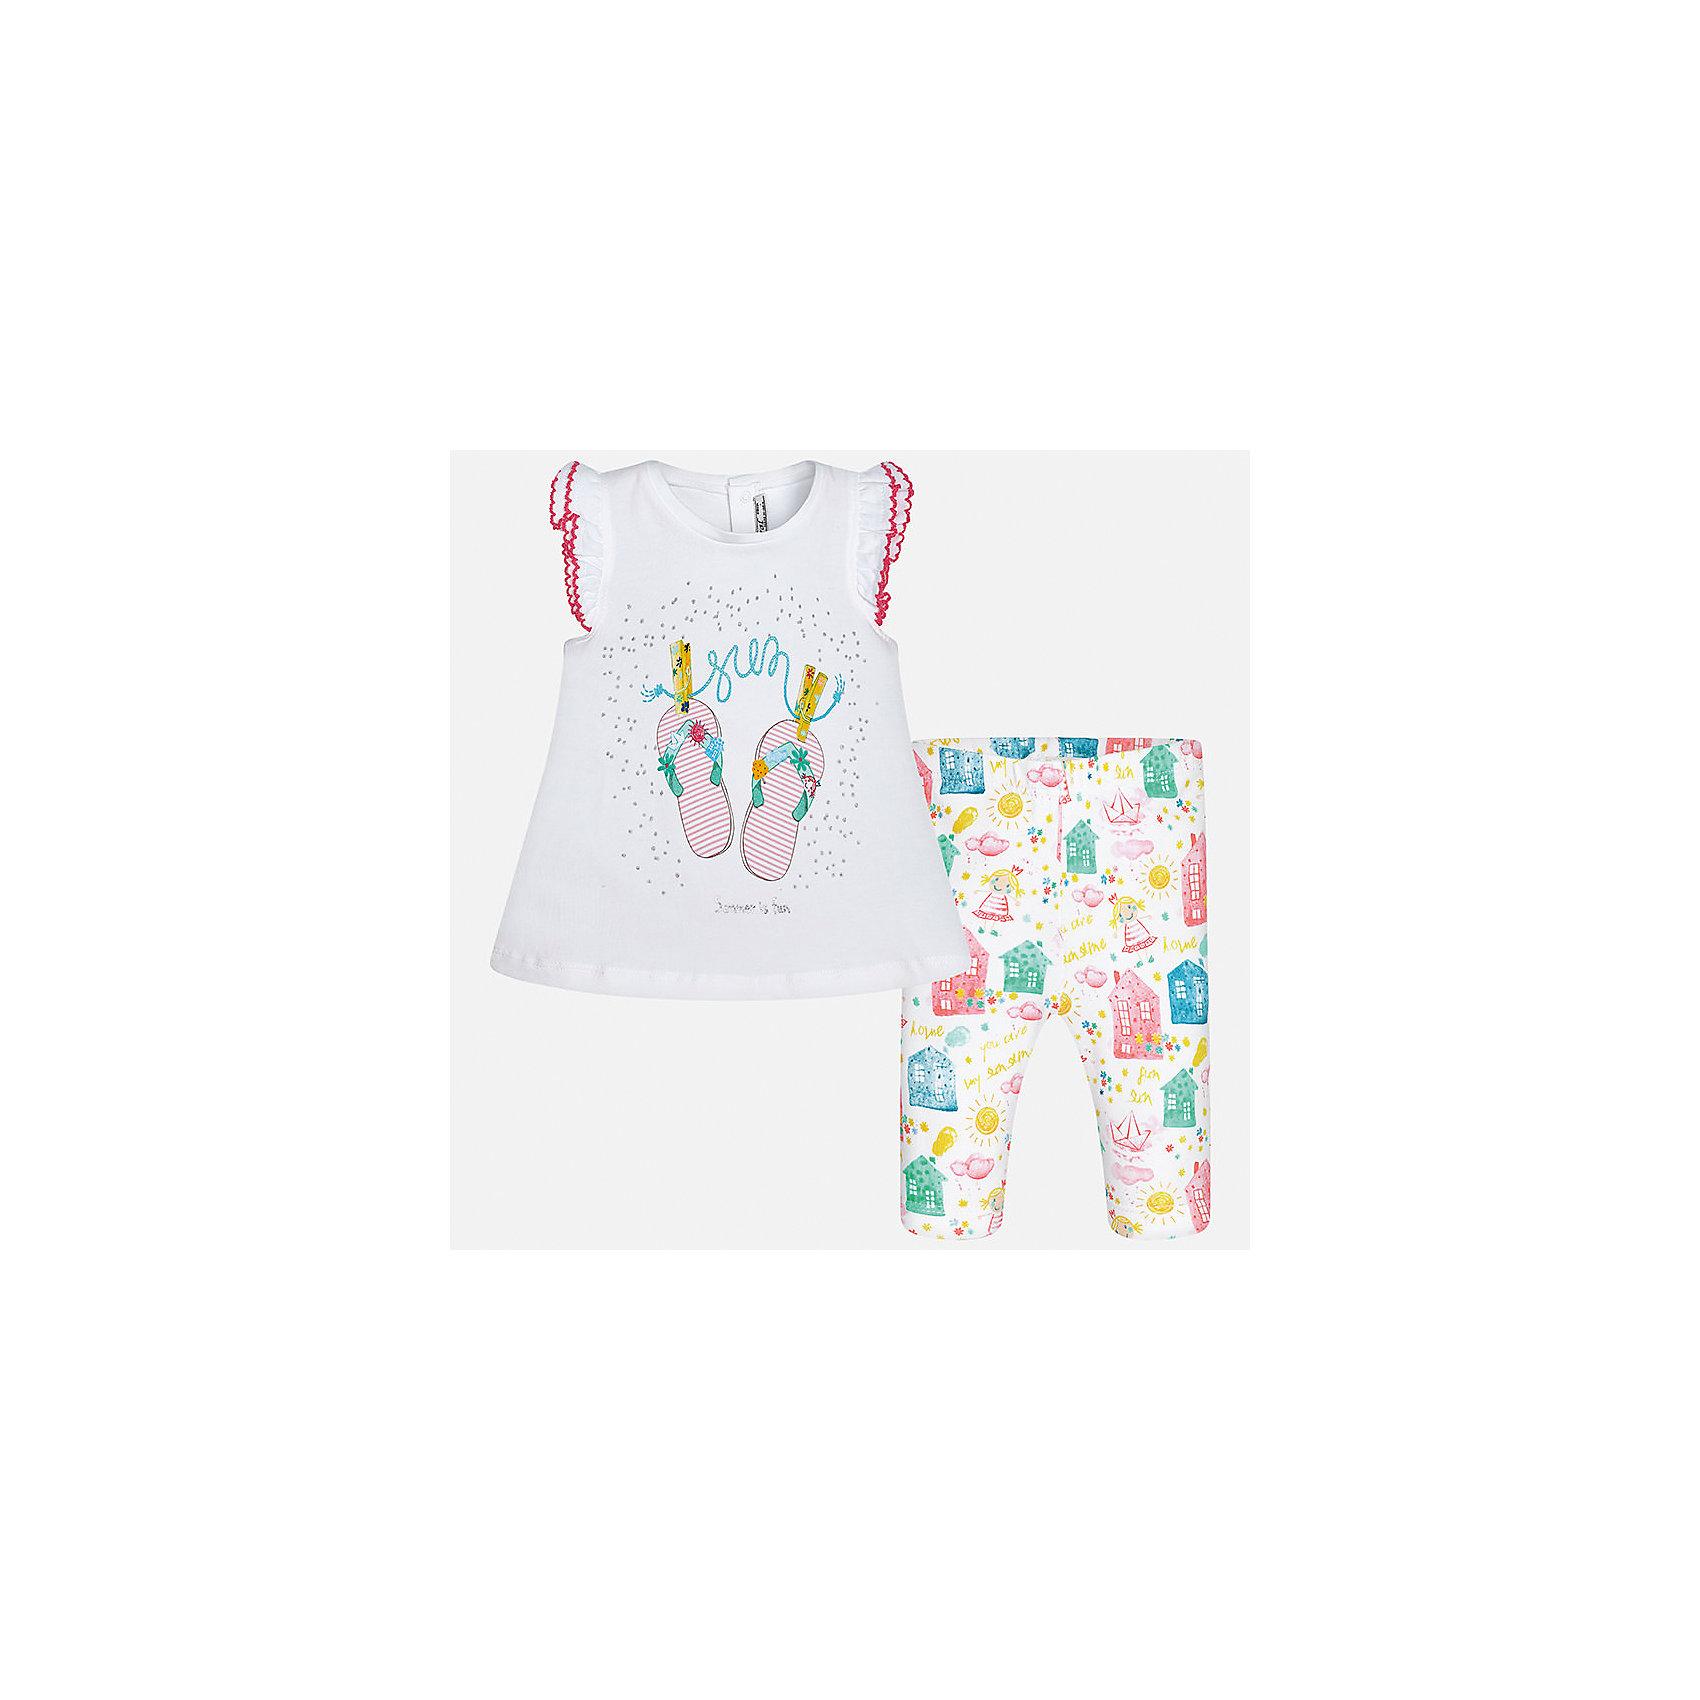 Комплект: футболка с длинным рукавом и бриджи для девочки MayoralКомплекты<br>Комплект: футболка с длинным рукавом и бриджи для девочки от известной испанской марки Mayoral.<br><br>Ширина мм: 191<br>Глубина мм: 10<br>Высота мм: 175<br>Вес г: 273<br>Цвет: лиловый<br>Возраст от месяцев: 6<br>Возраст до месяцев: 9<br>Пол: Женский<br>Возраст: Детский<br>Размер: 80,86,74,92<br>SKU: 5289026